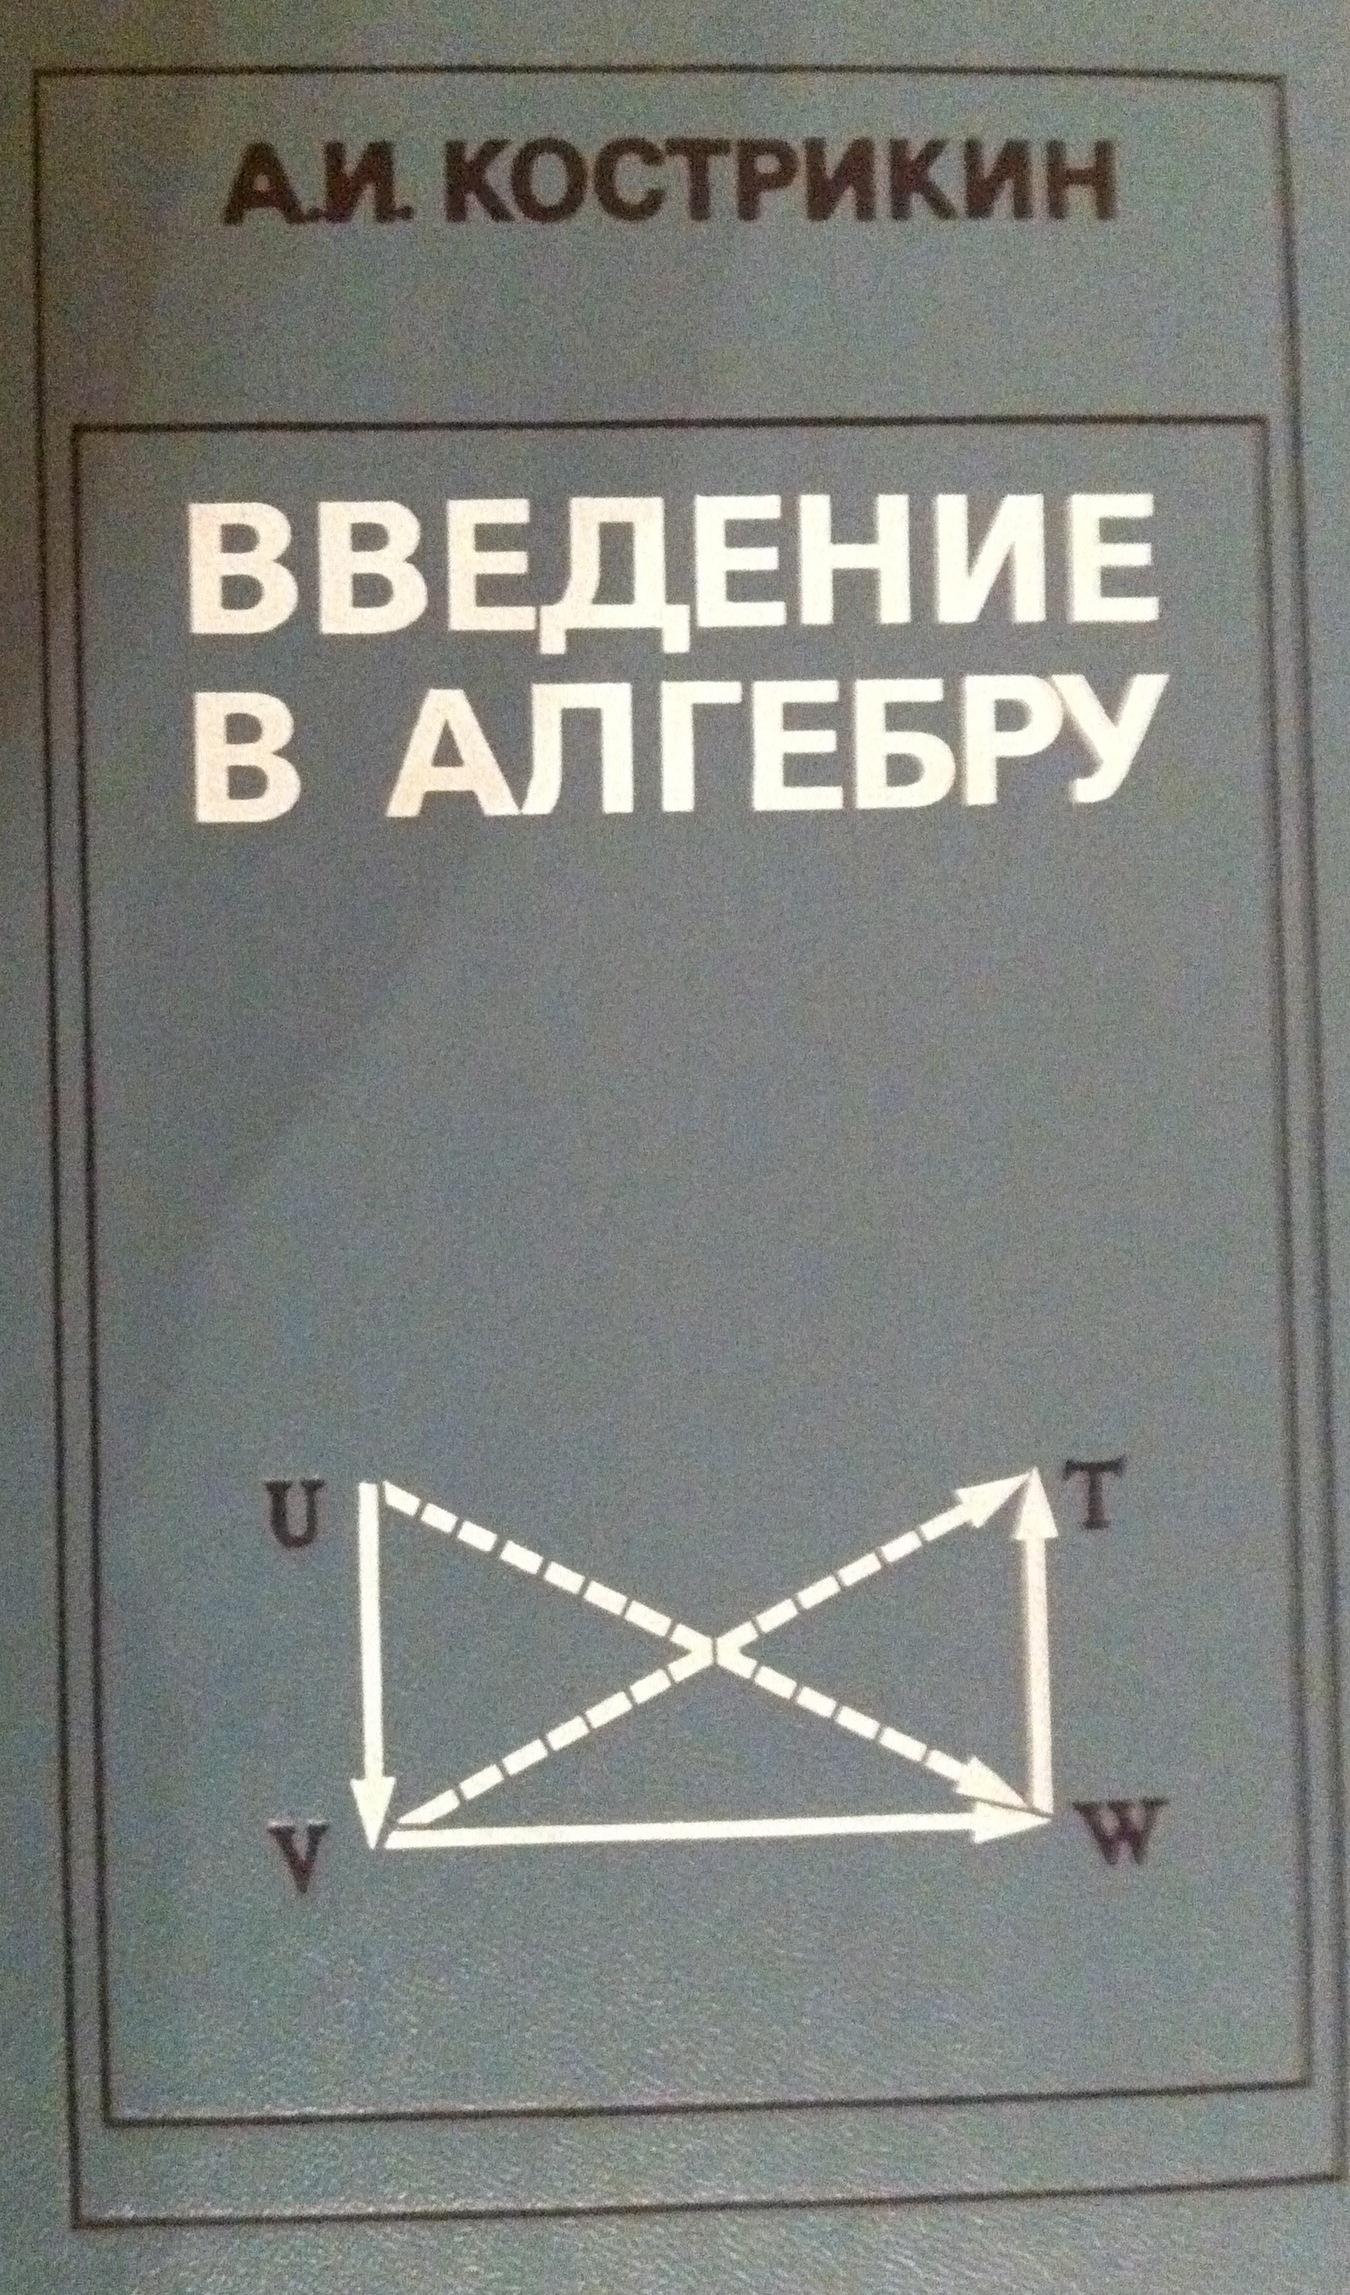 Кострикин А. И. Введение в алгебру 1997